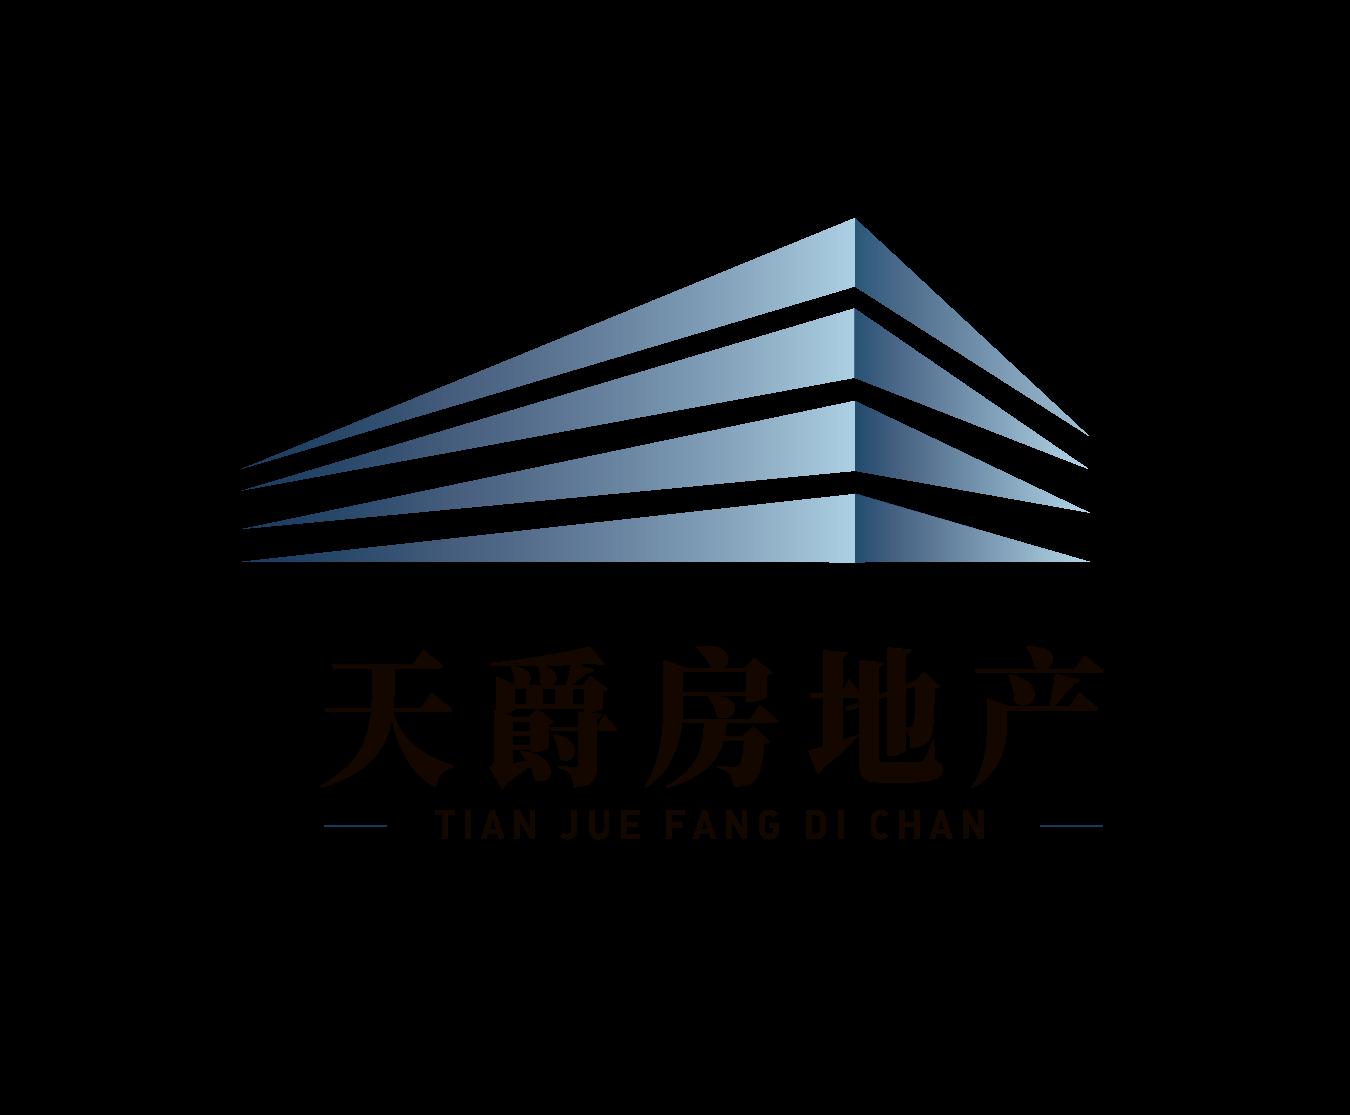 贵州天爵房地产经纪有限公司